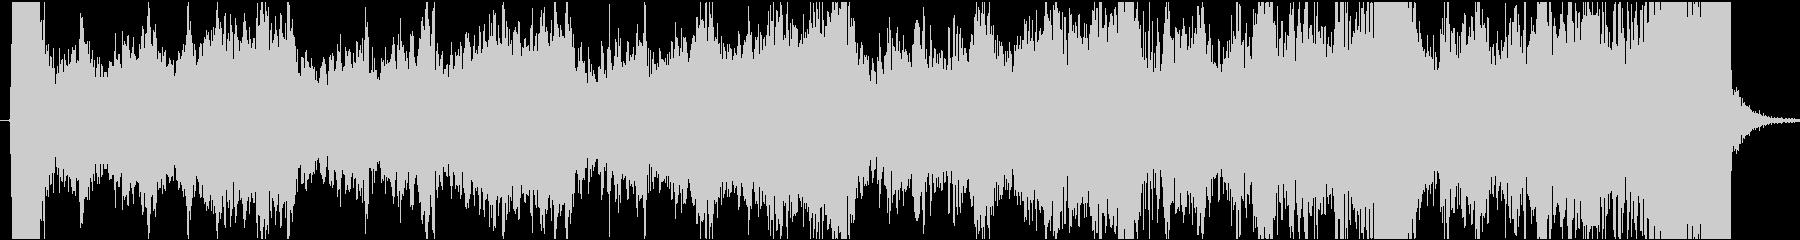 現代的 交響曲 アンビエント 実験...の未再生の波形